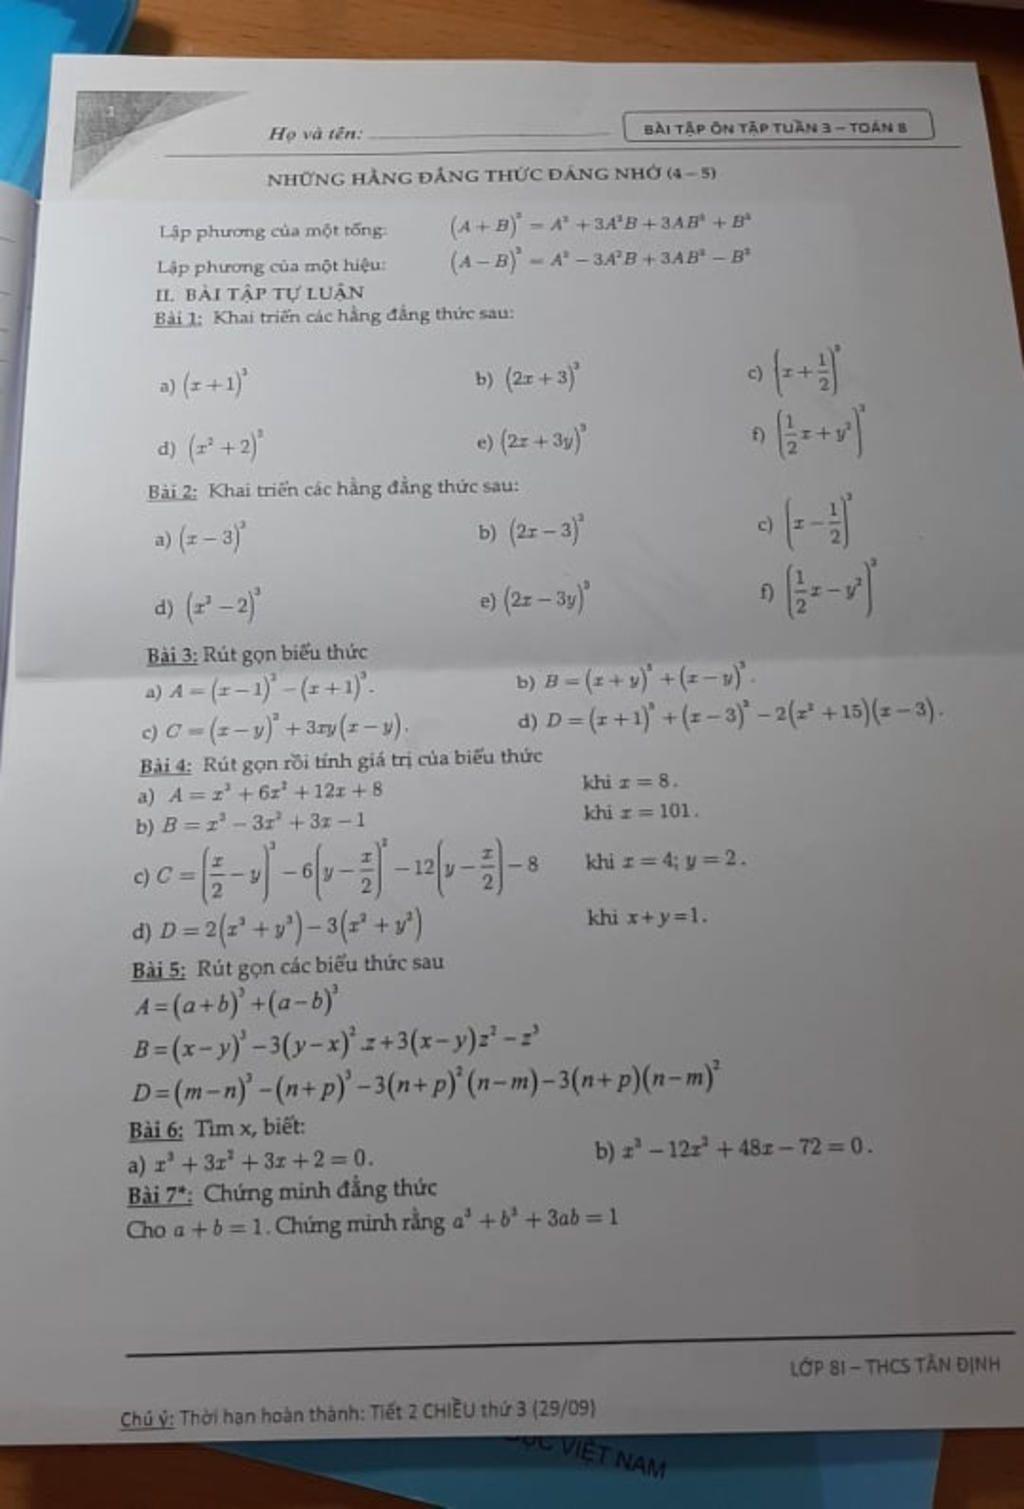 giup-mik-bai-2-vs-may-ban-eiiiiiiiiiii